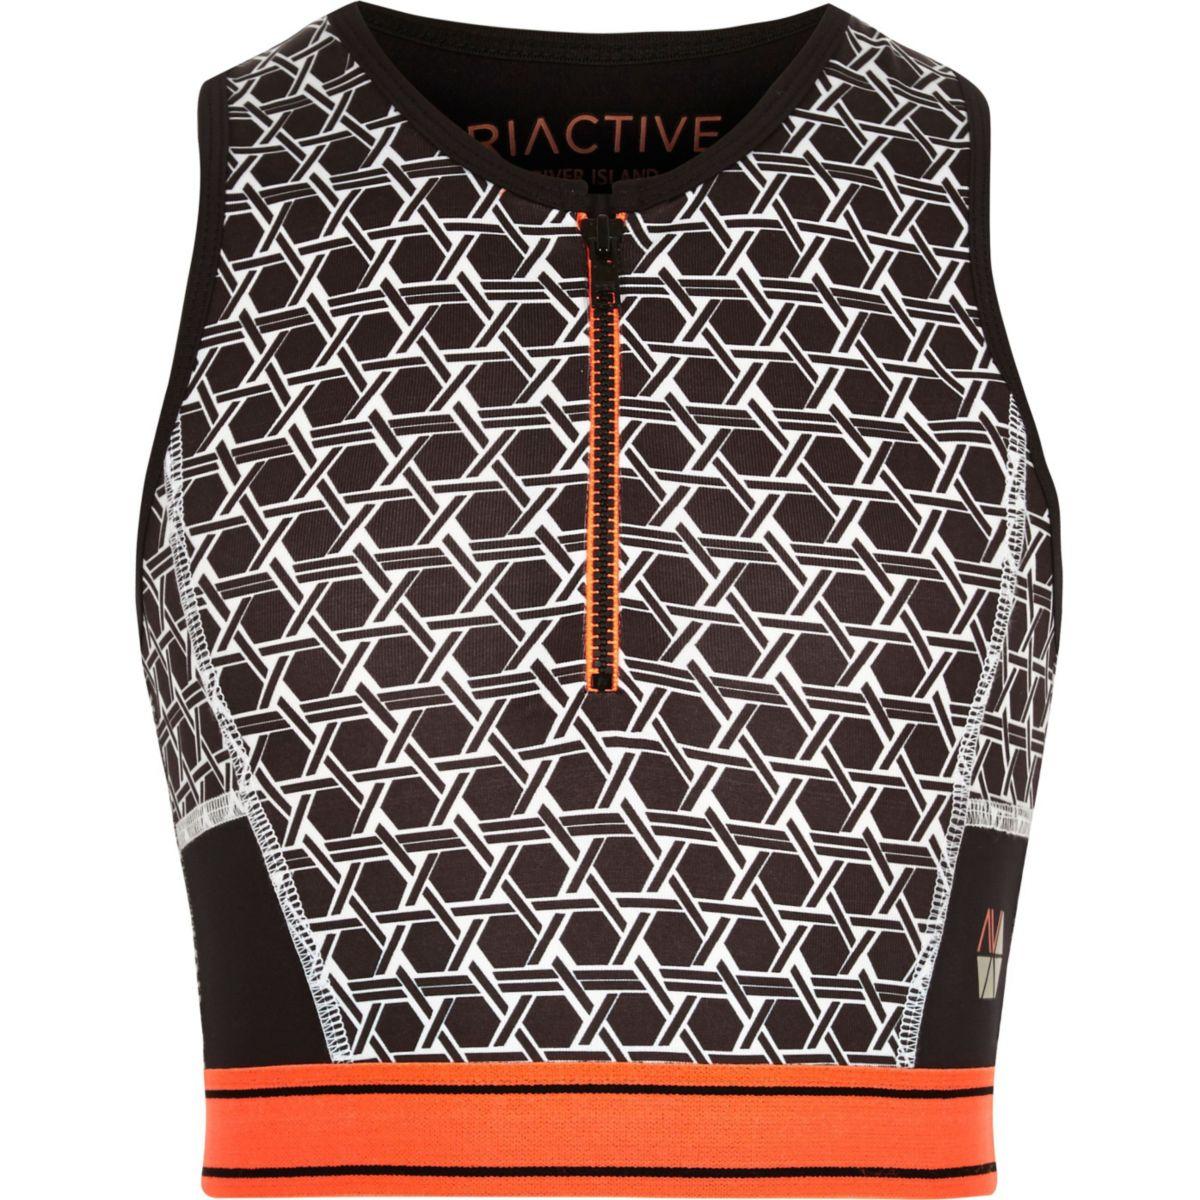 Crop top RI Active gris zippé motif géométrique pour fille